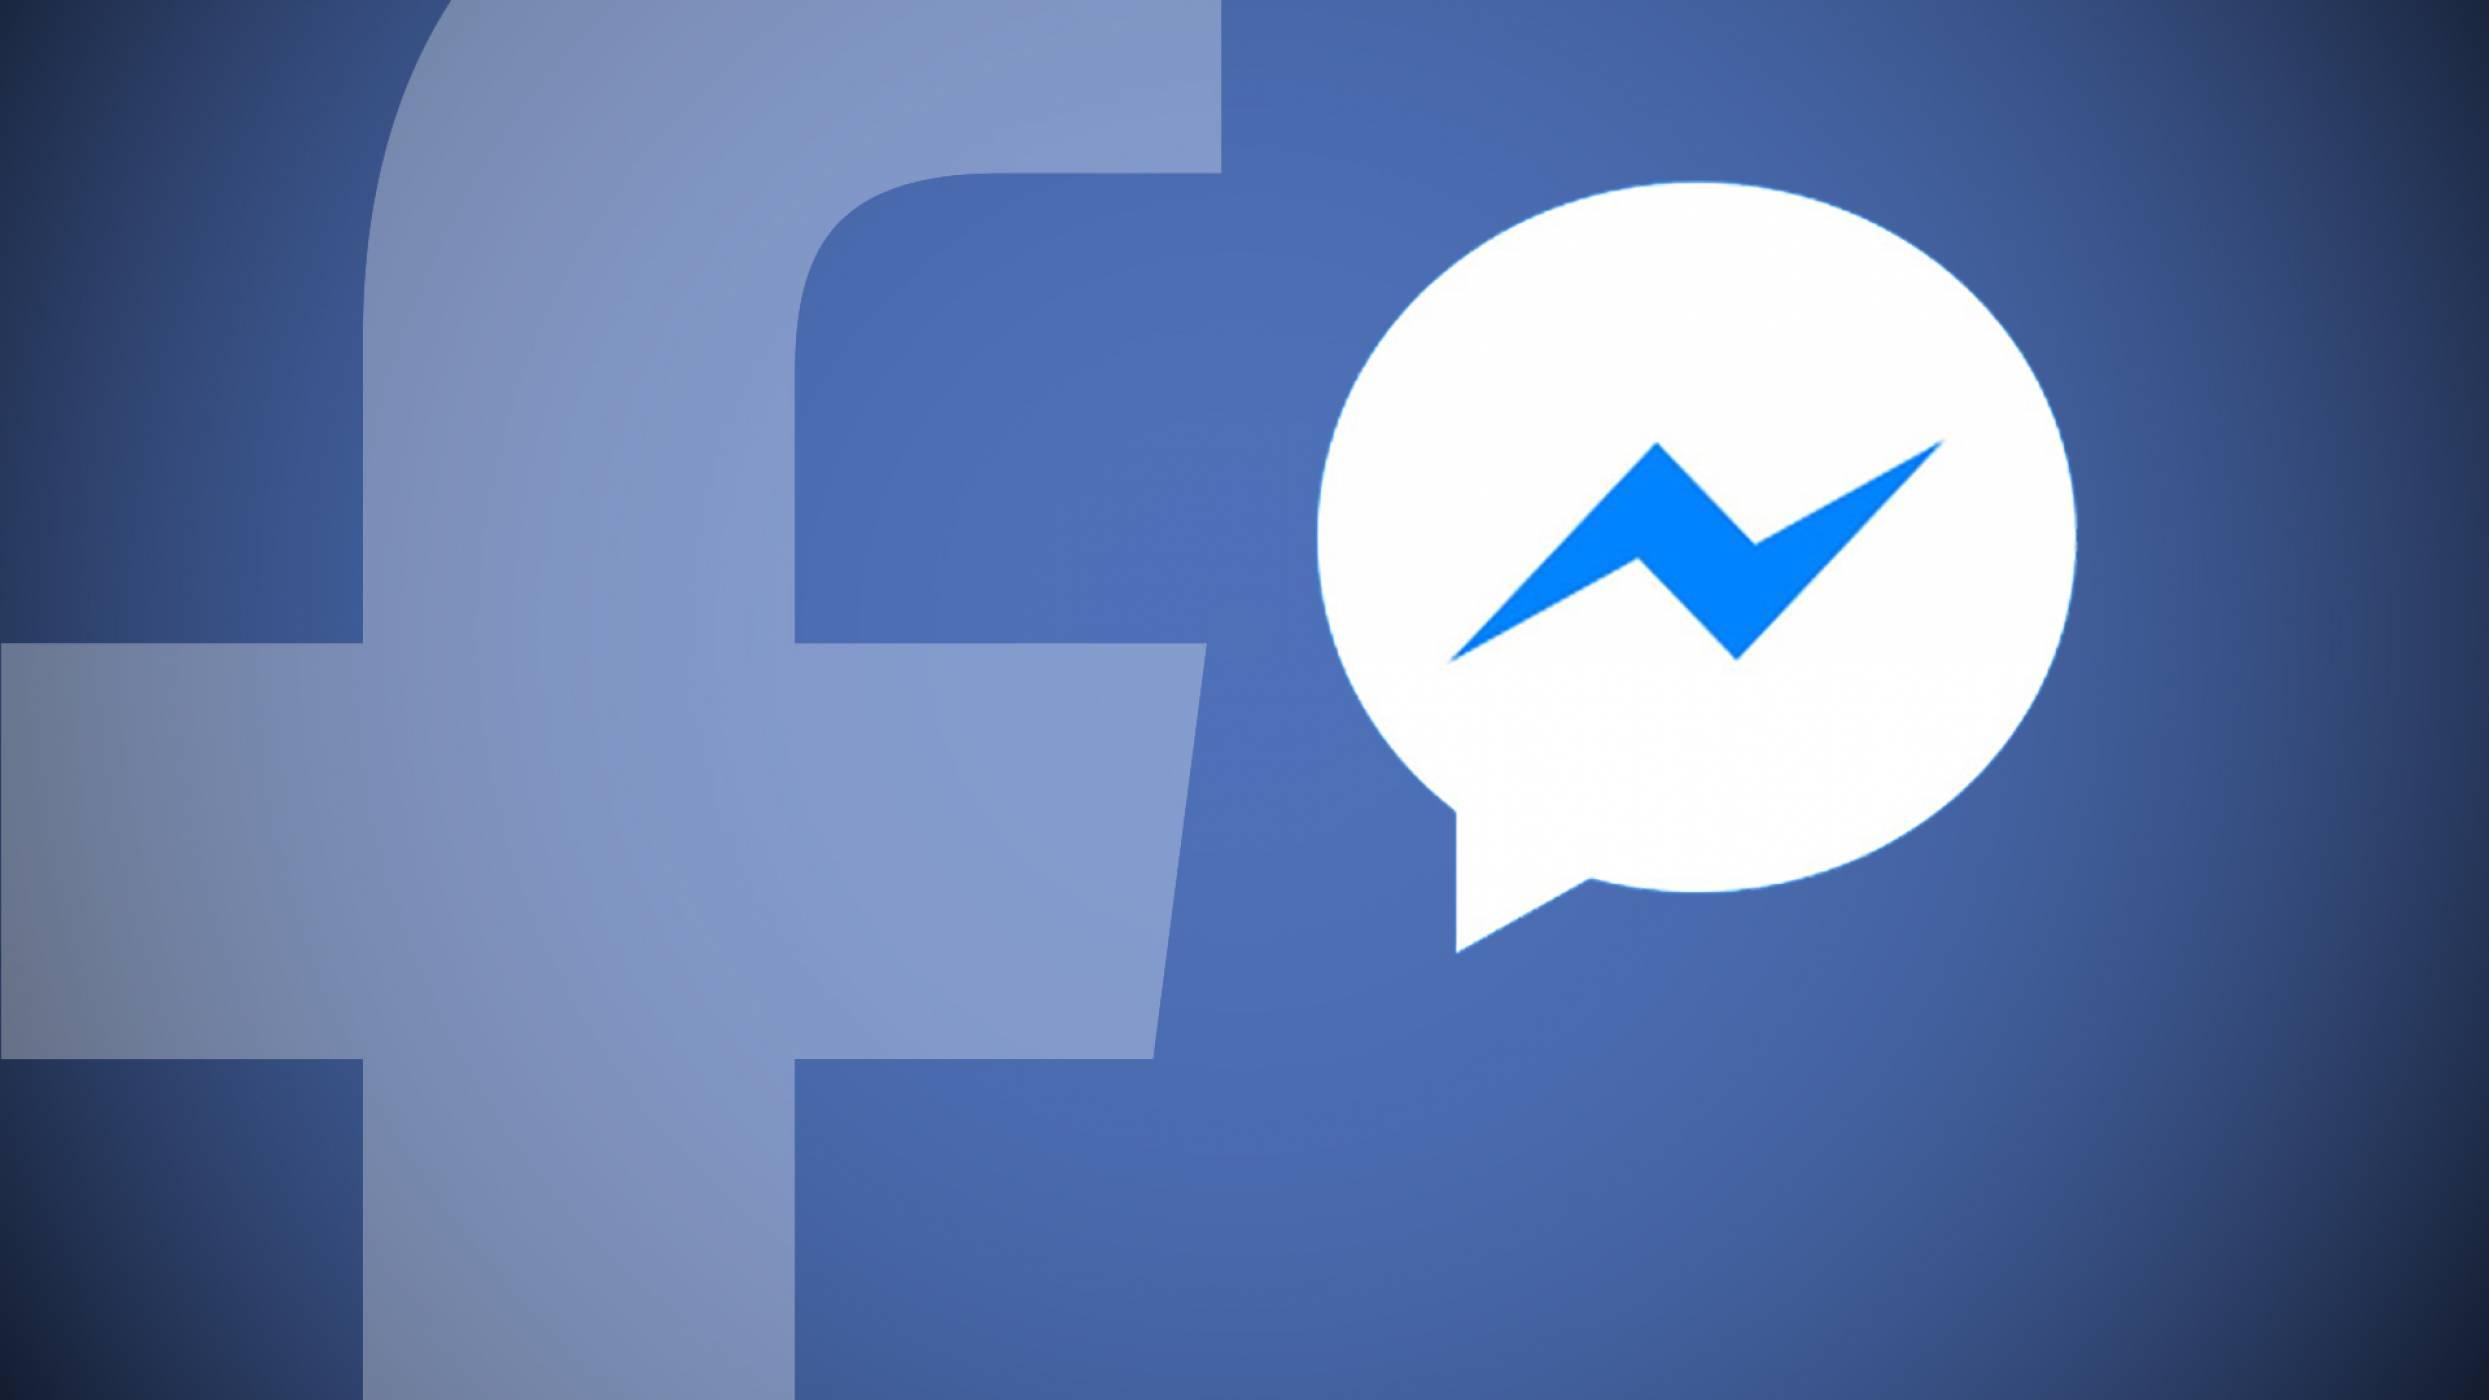 Новият редизайн на Messenger го връща към корените му на чат приложение